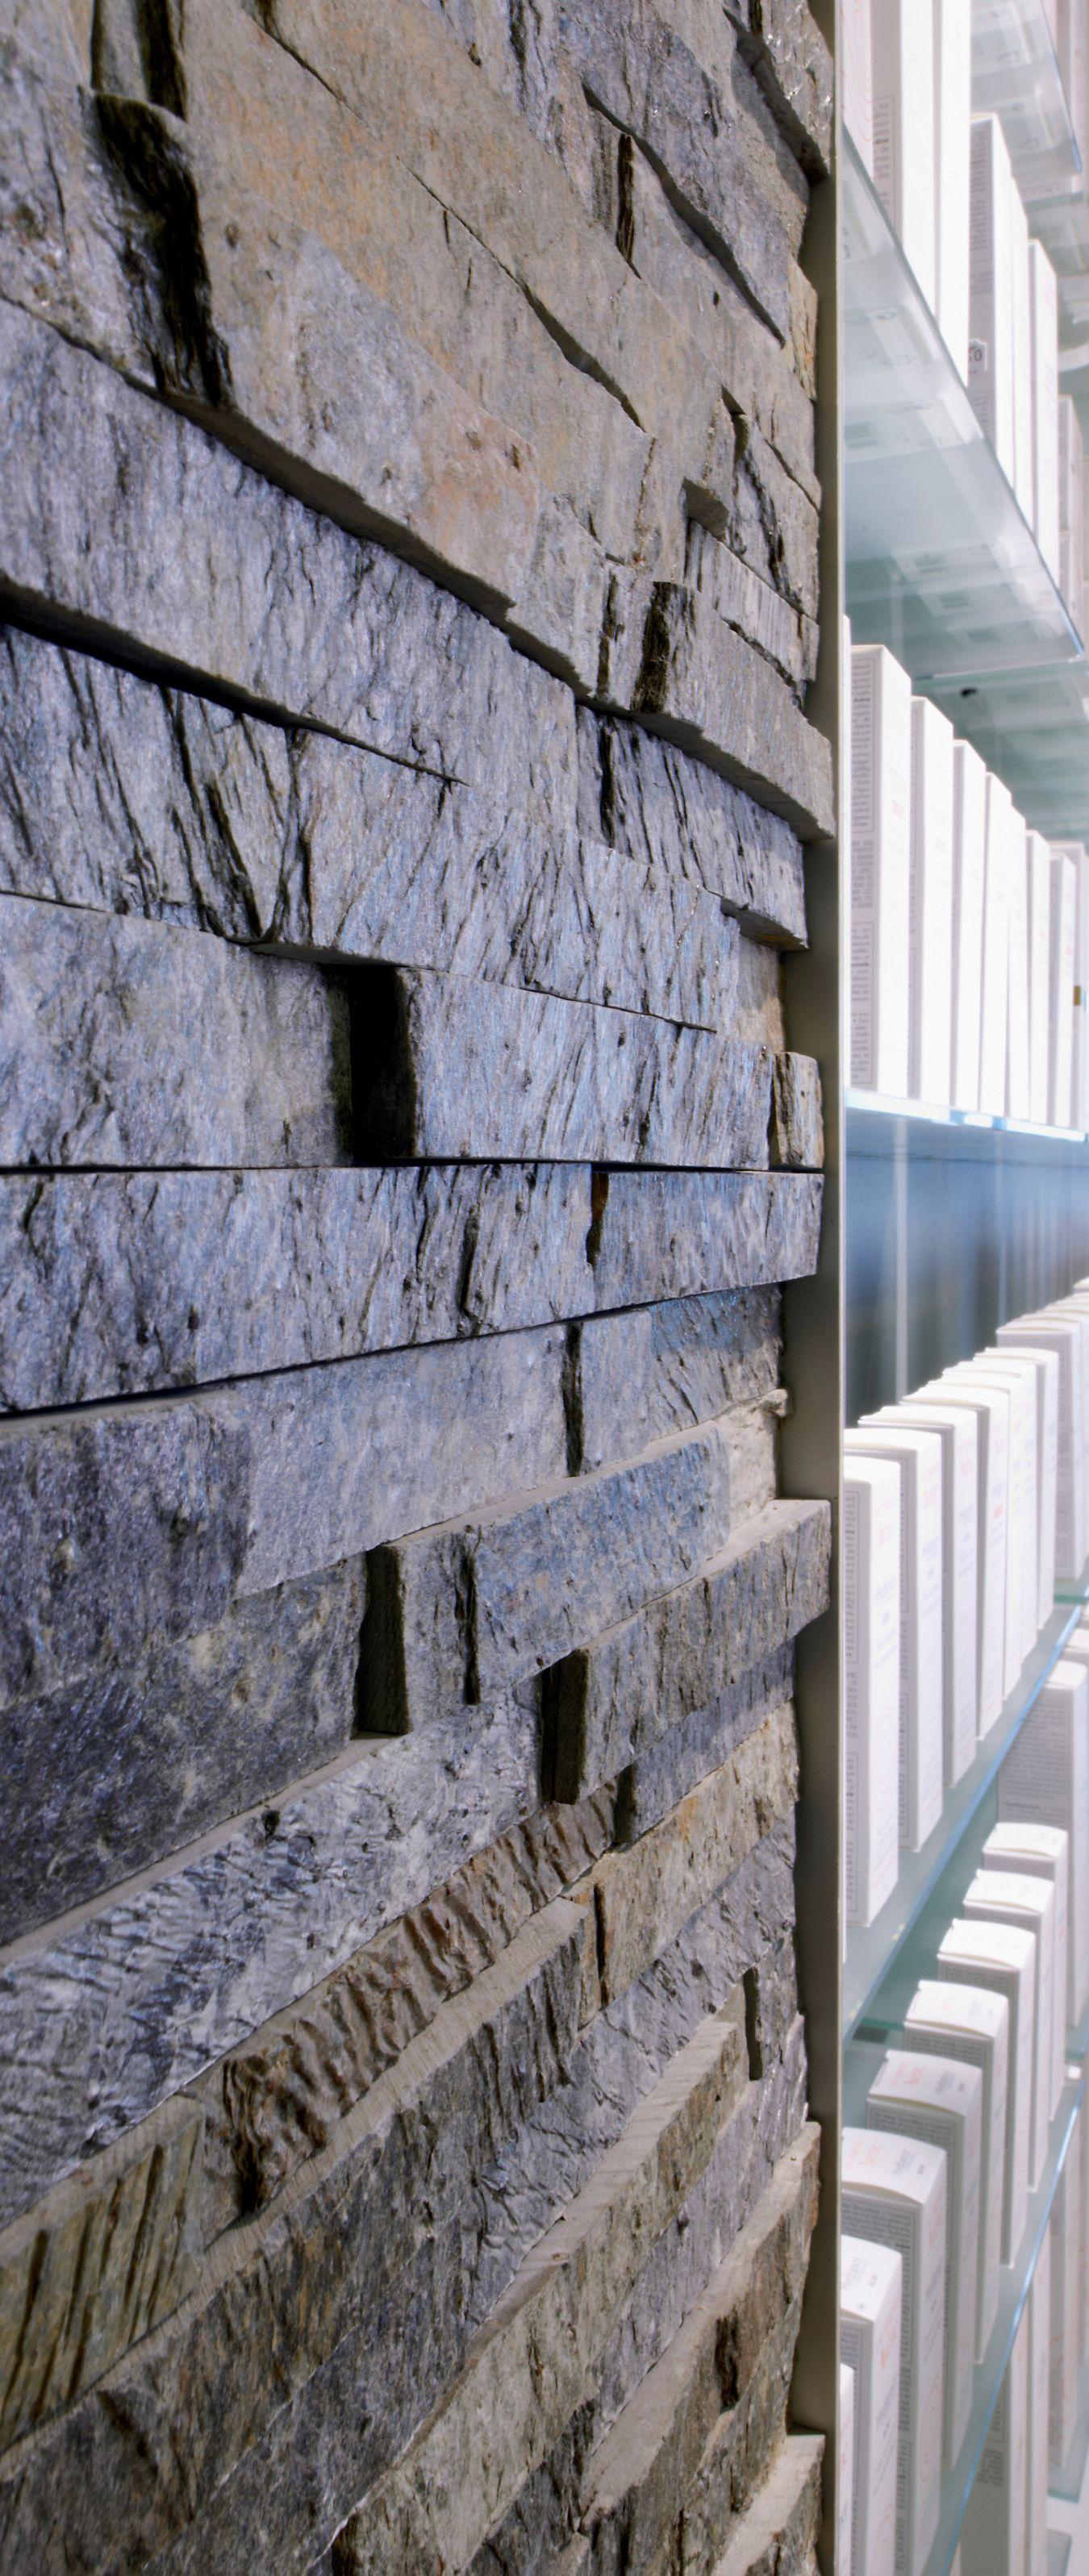 Das Freiwahlregal mit satinierten Glasböden der Apothekeneinrichtung ist in eine Natursteinwand integriert